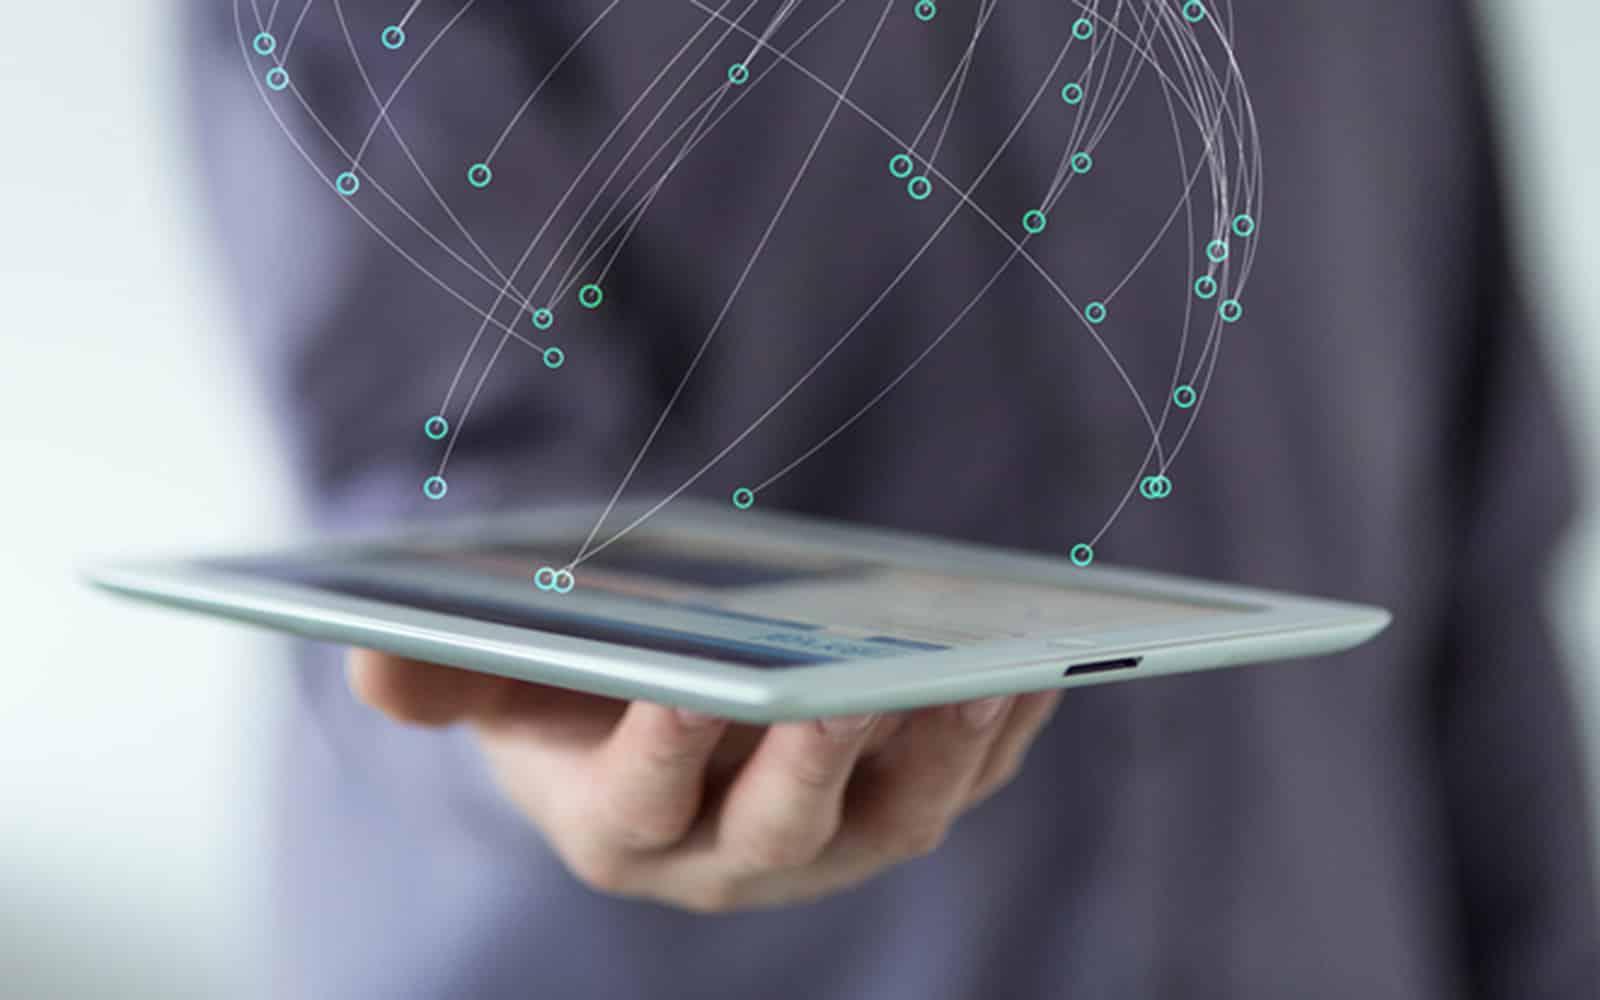 Bild: Vernetzung, Mensch mit Tablet in der Hand